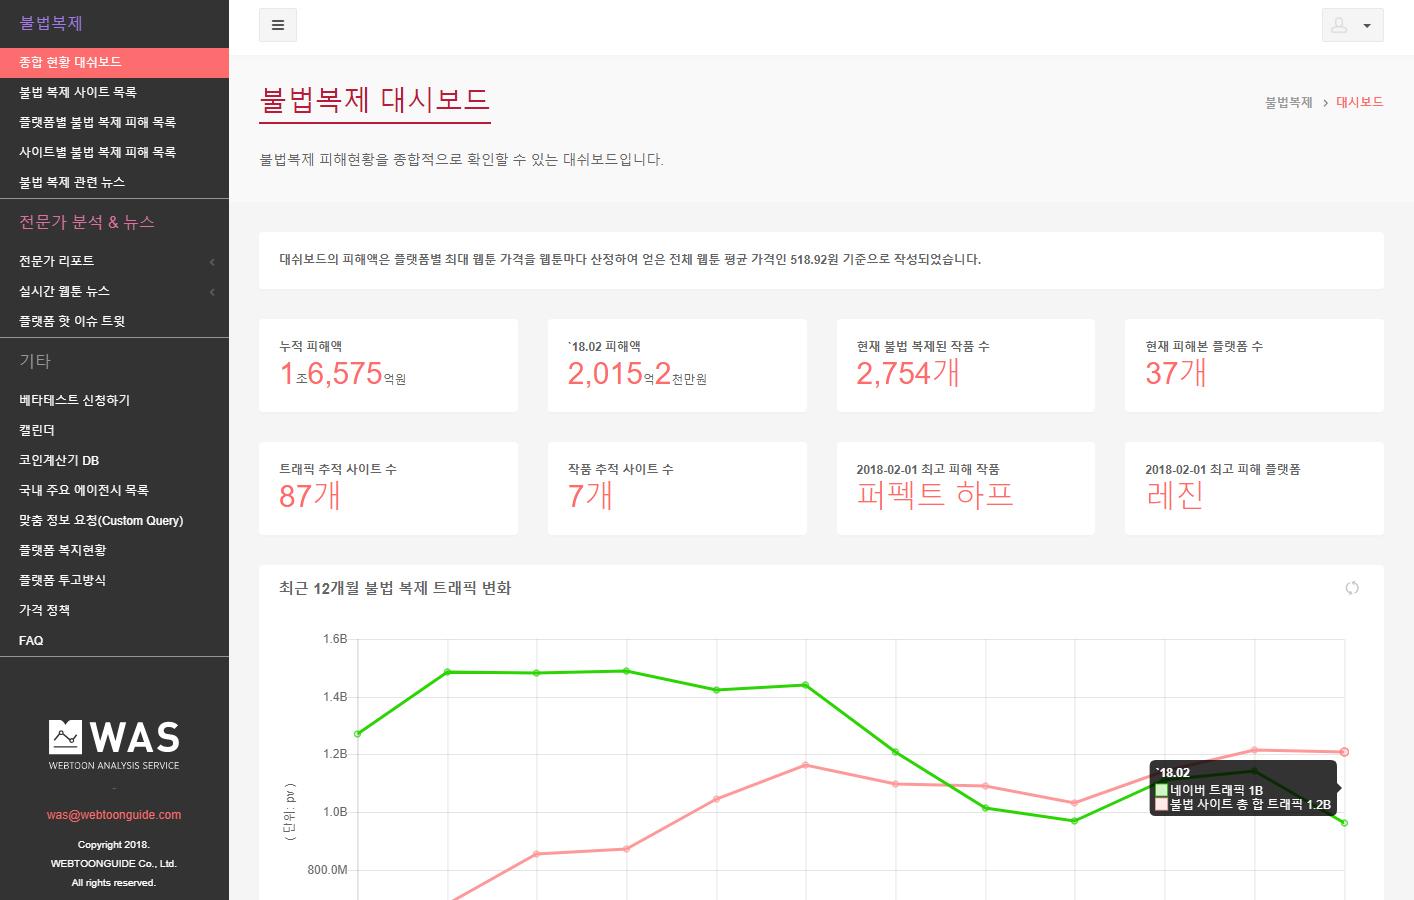 웹툰가이드, 국내 최초 유료 웹툰 통계 분석 서비스 WAS(워즈) 오픈